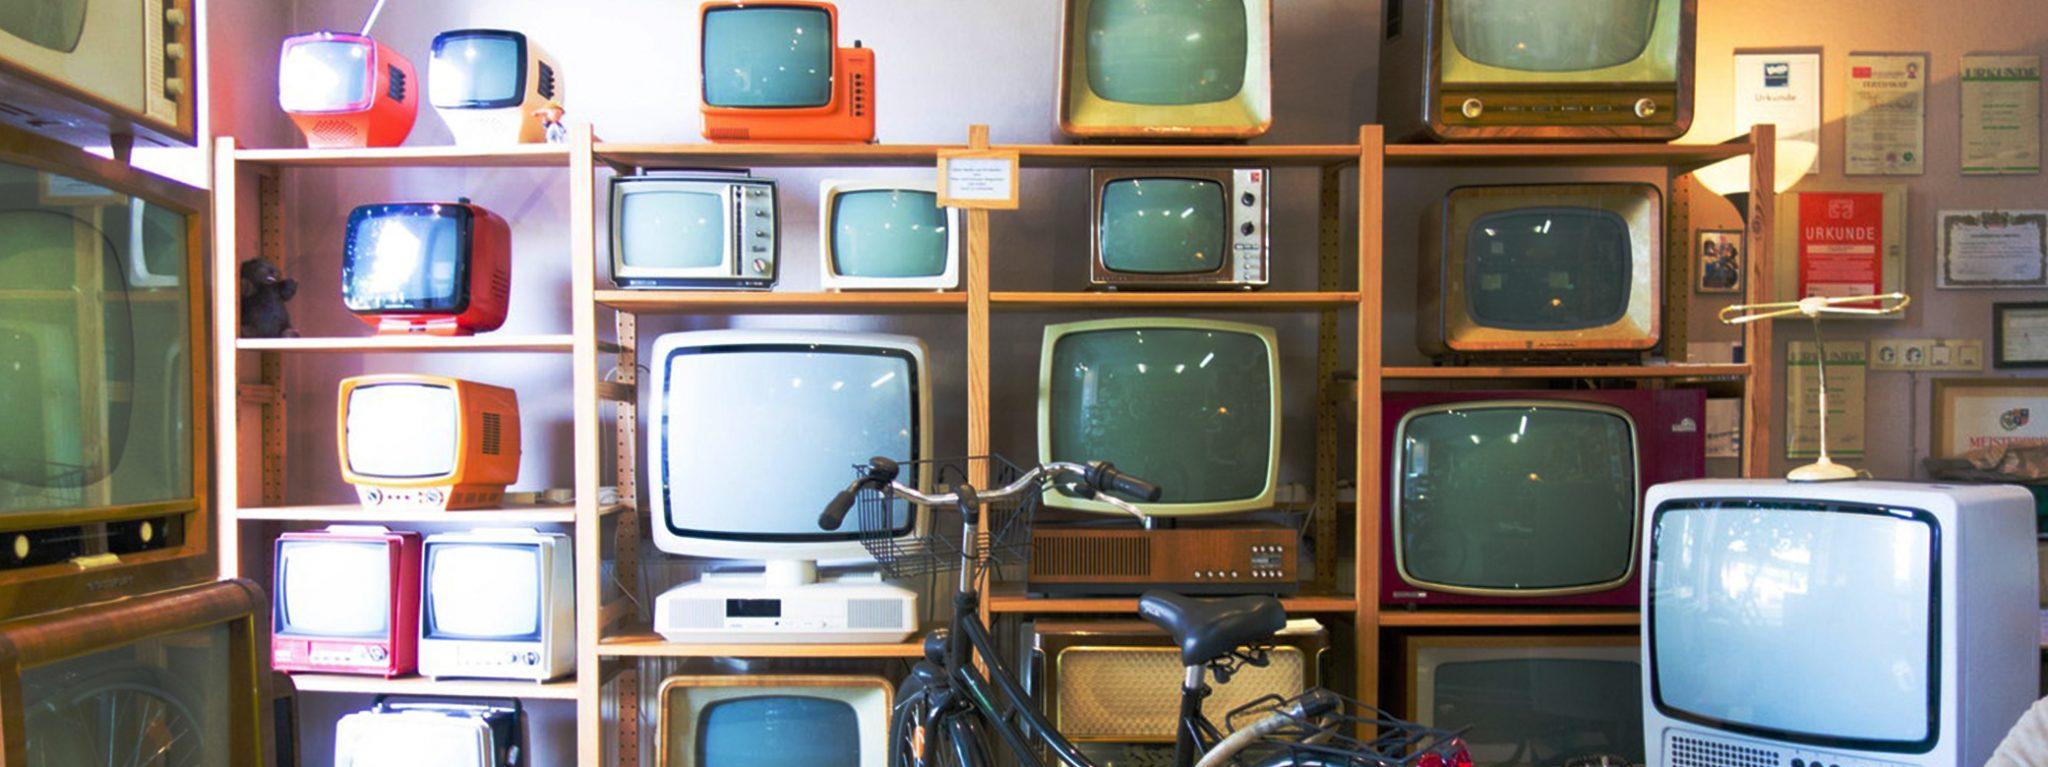 【電視機發展嘅關鍵人物?】